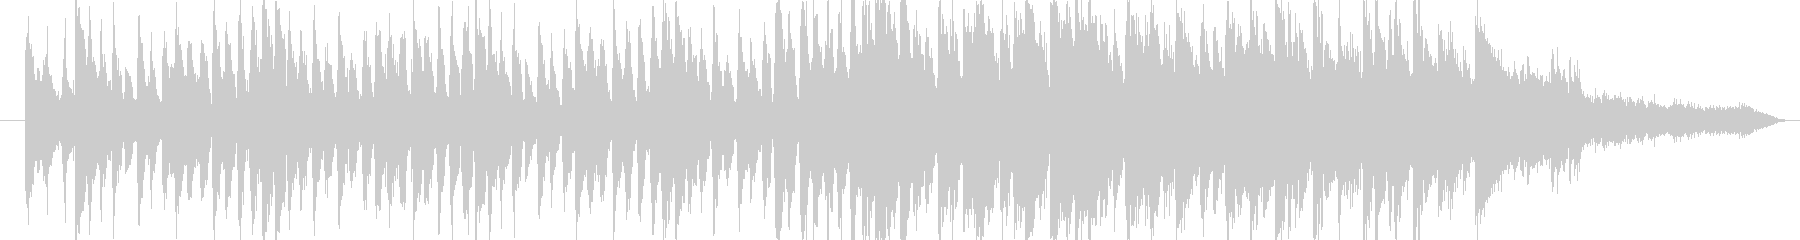 情報番組系 ジングル 爽やか 30秒 の未再生の波形